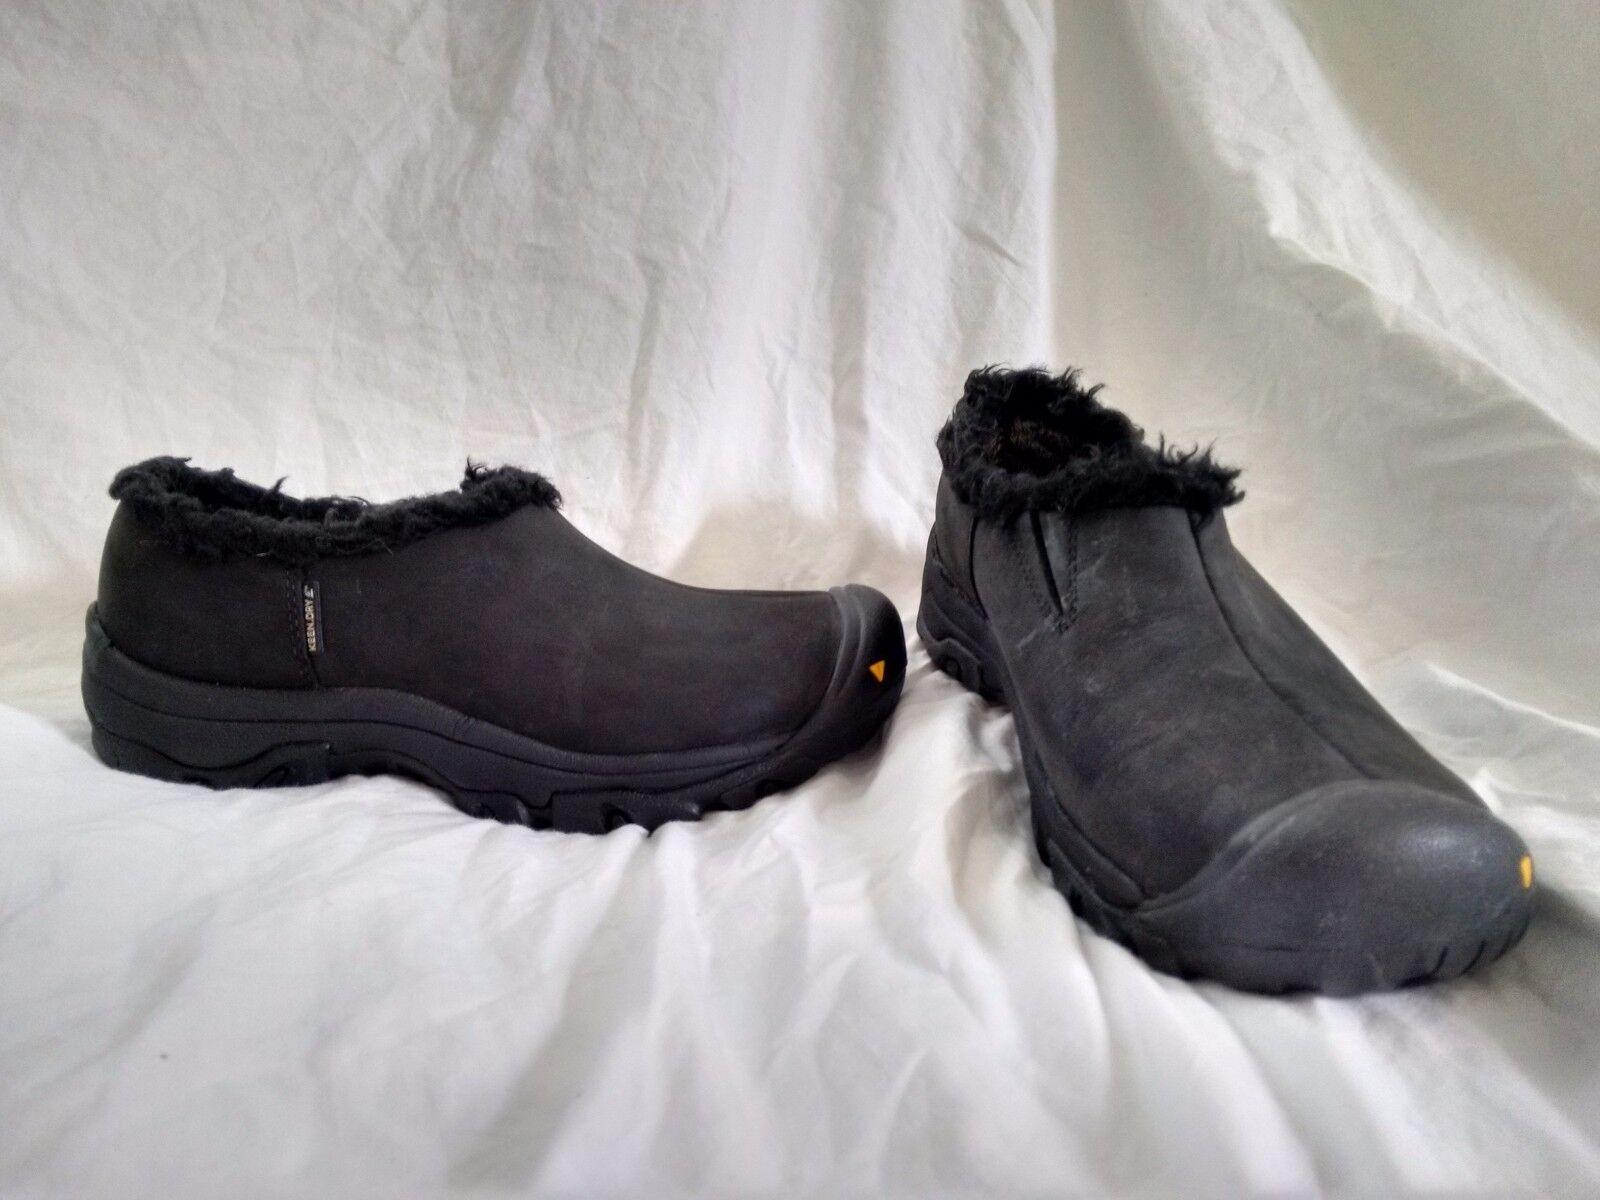 Keen Warm Women's 6.5 Black Suede Slip On Mocs Insulated Waterproof Faux Fur